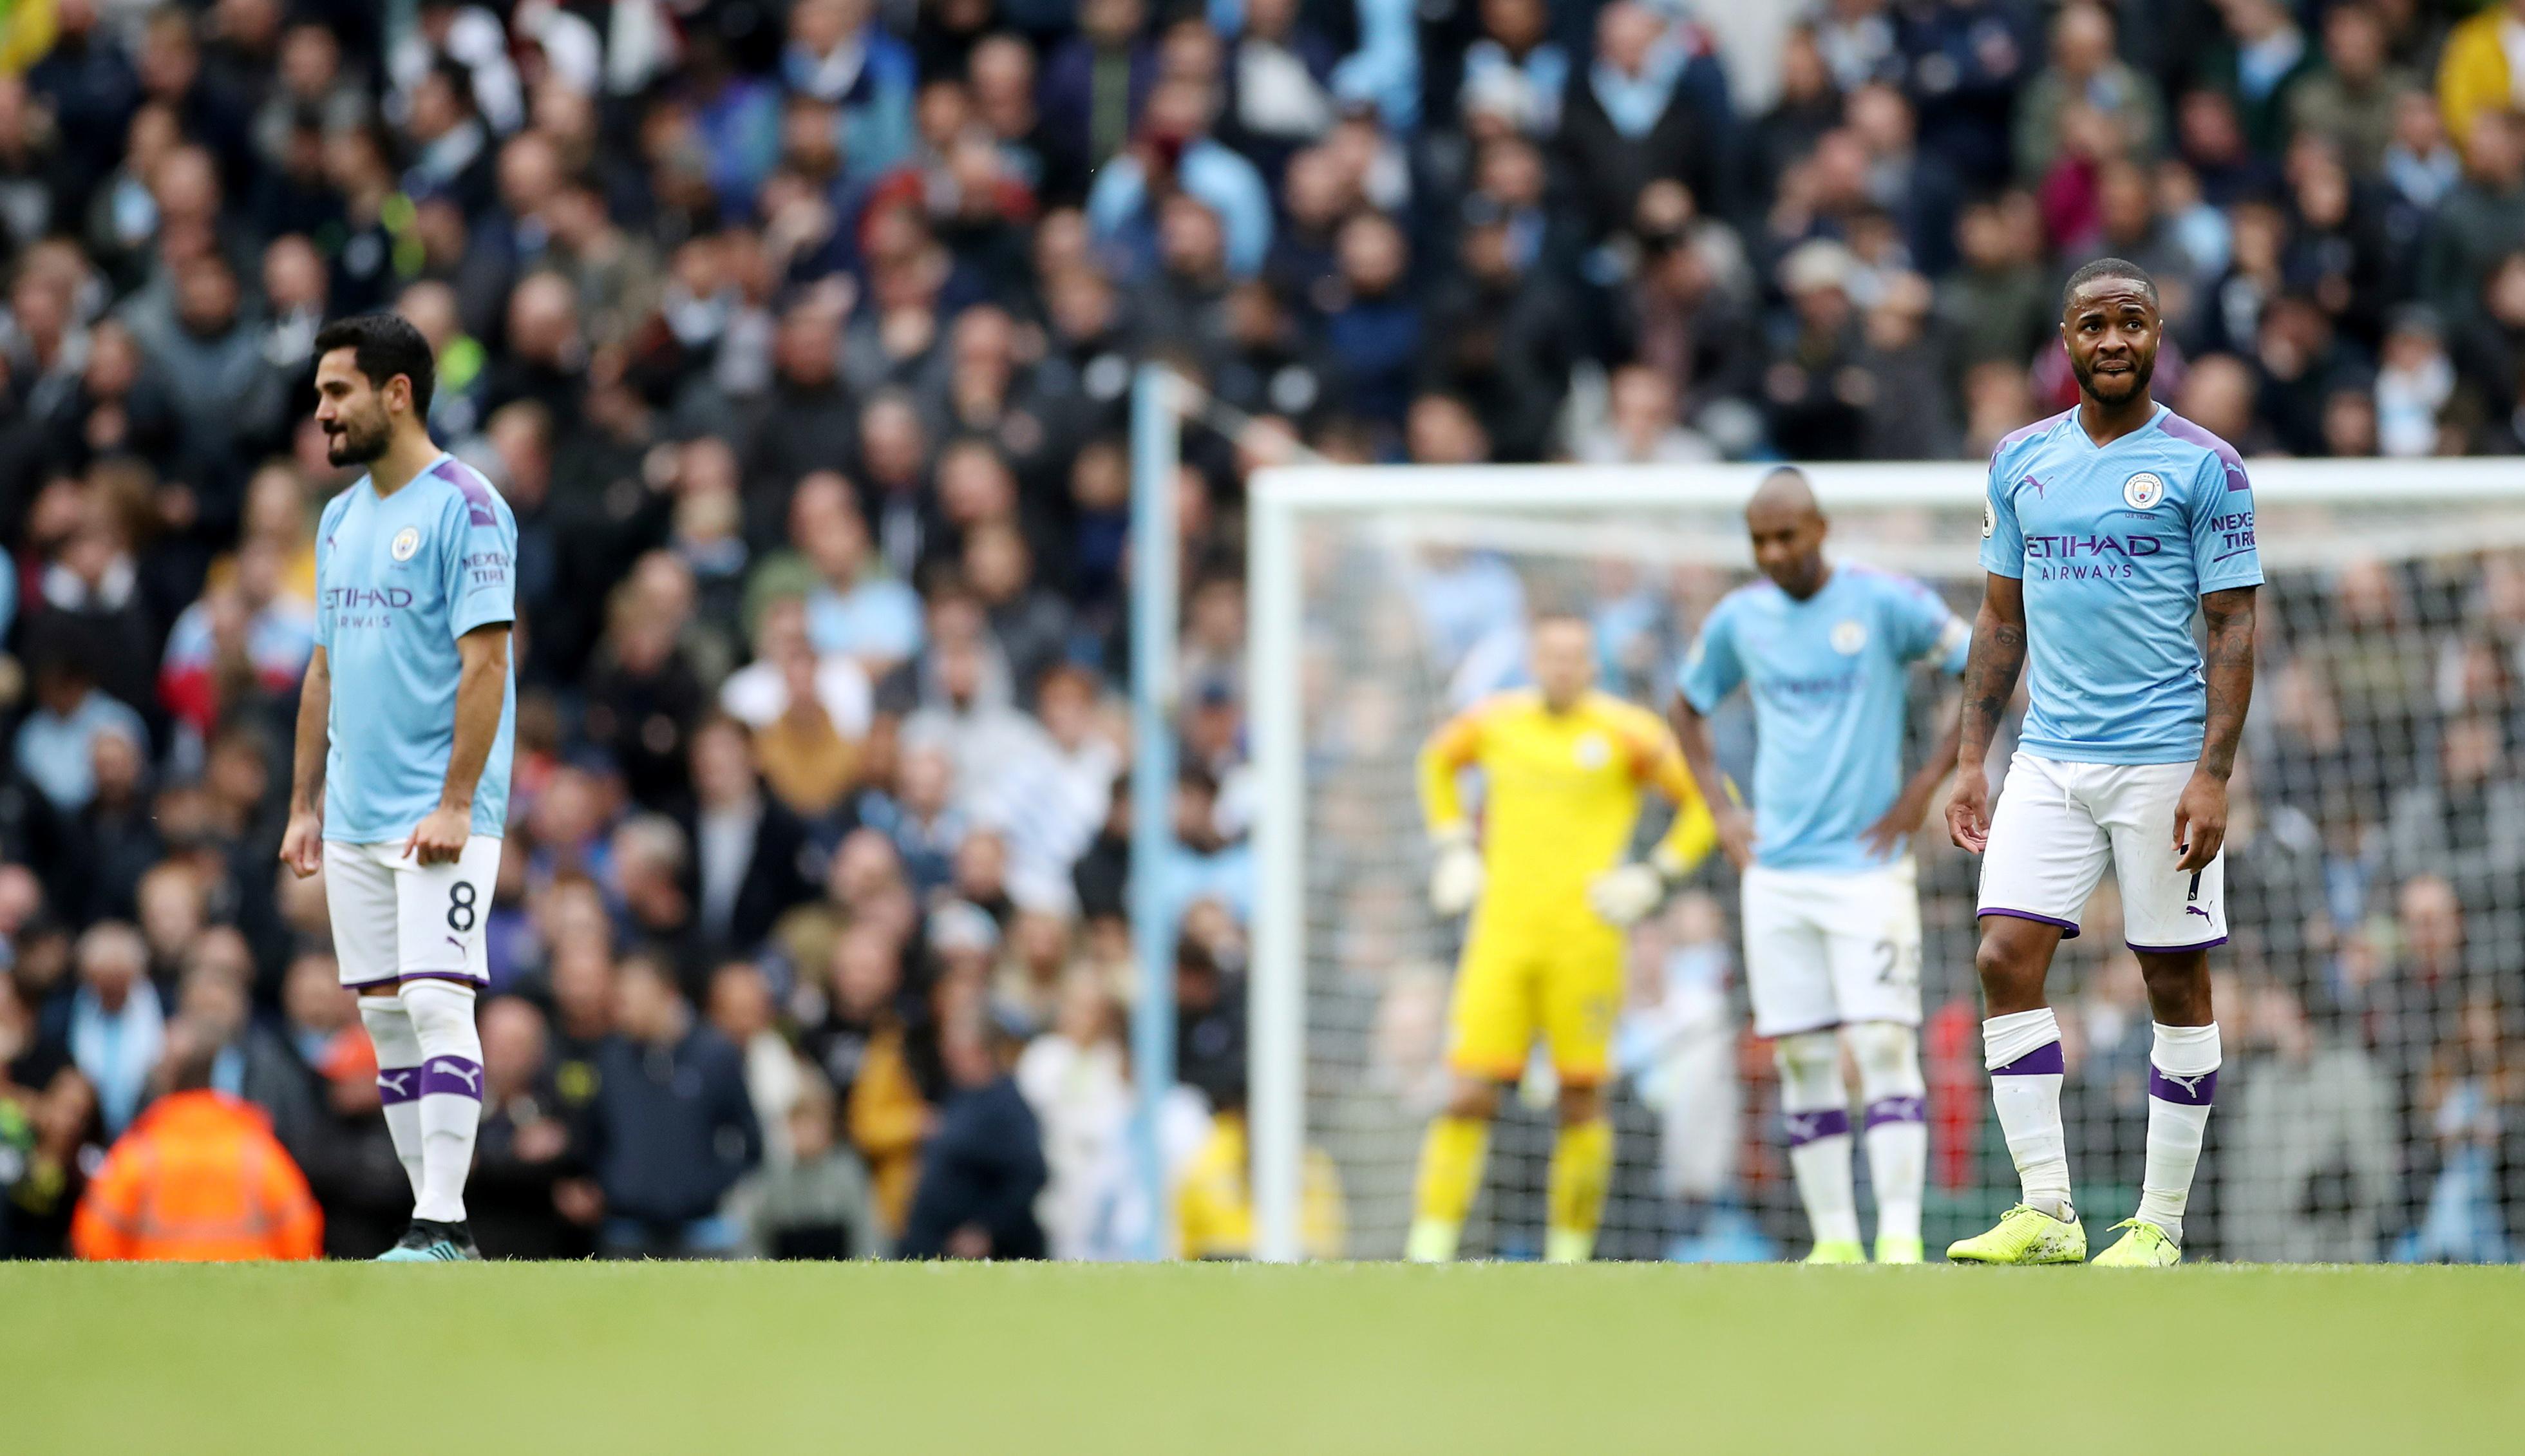 Football - Etranger - La très mauvaise opération de Manchester City